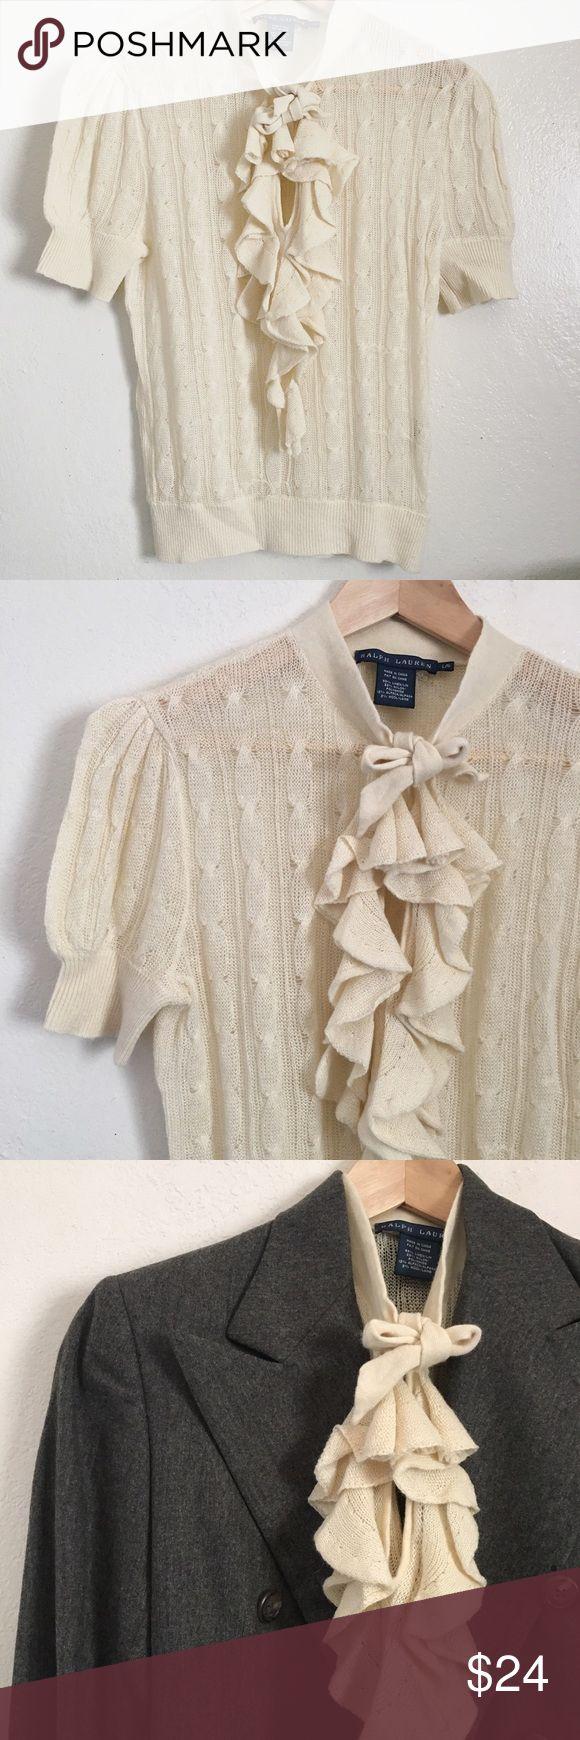 Ralph Lauren linen top Cream Short sleeve linen ruffle top. 64% linen and 22% nylon. BNWOT. Ralph Lauren Tops